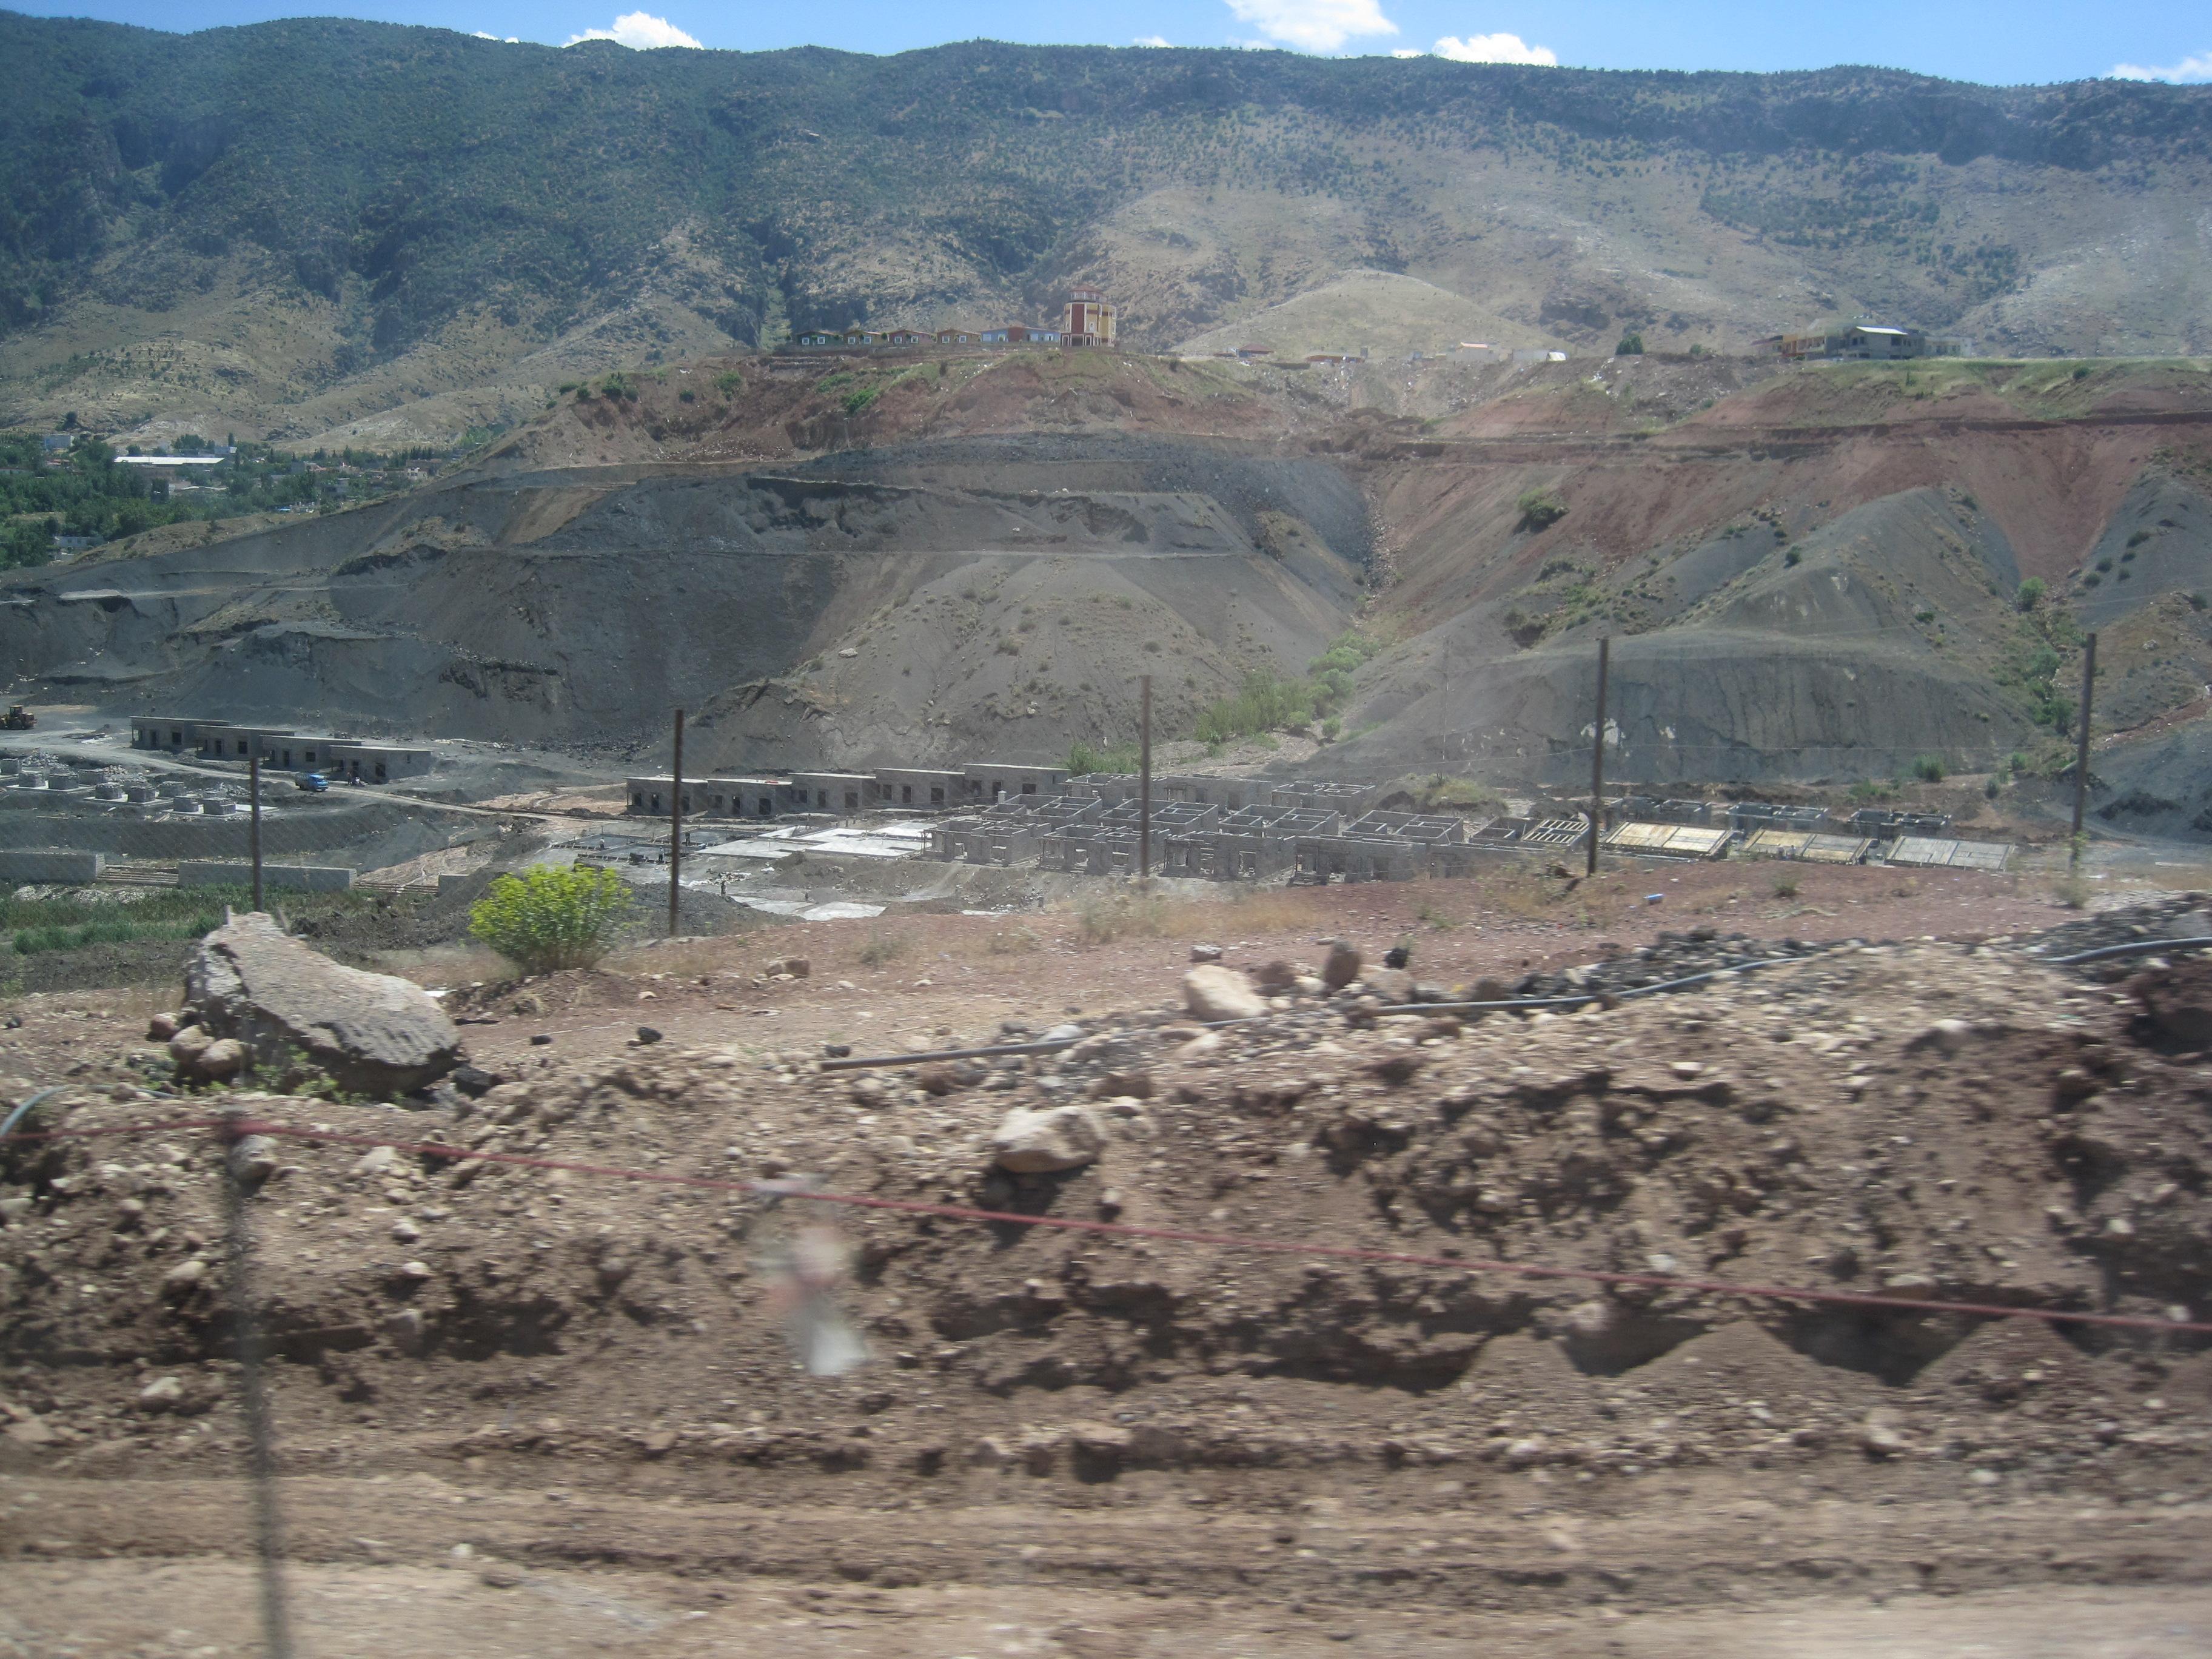 Construction near Shaqlawa